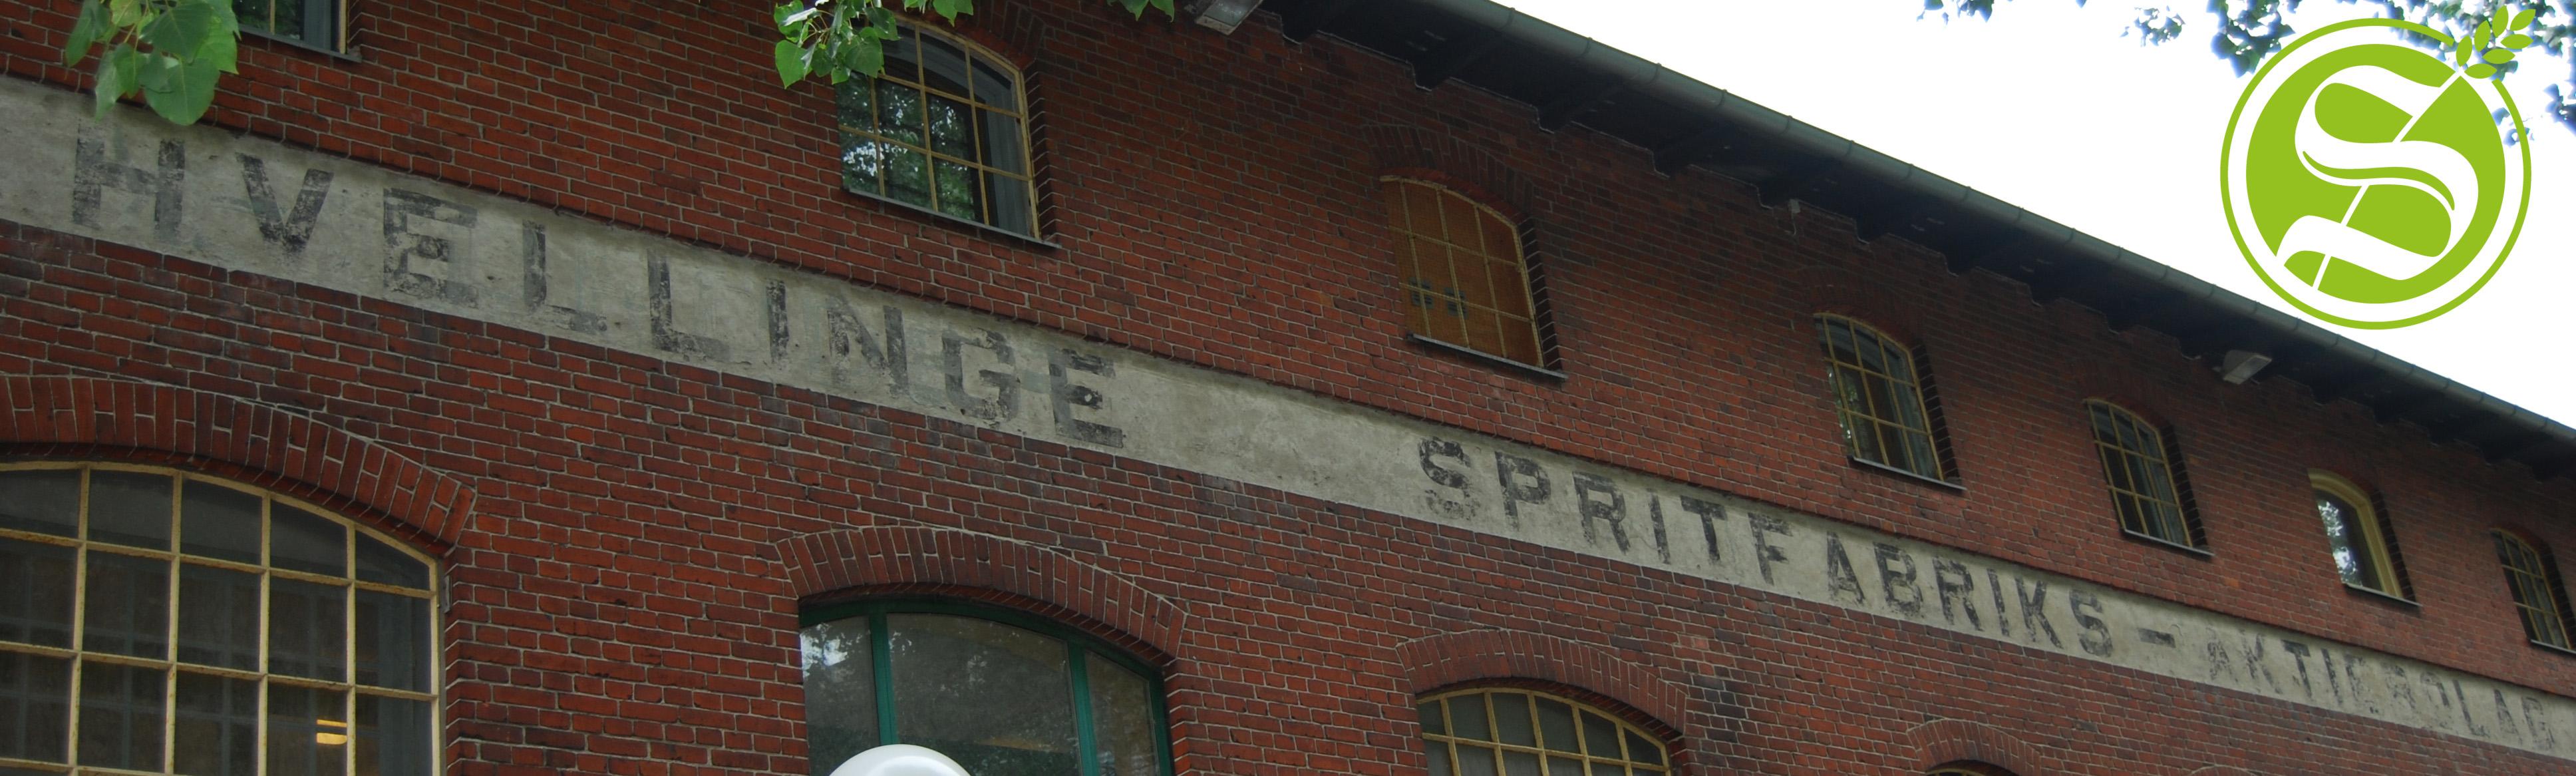 Spritfabrikens kontorshotell